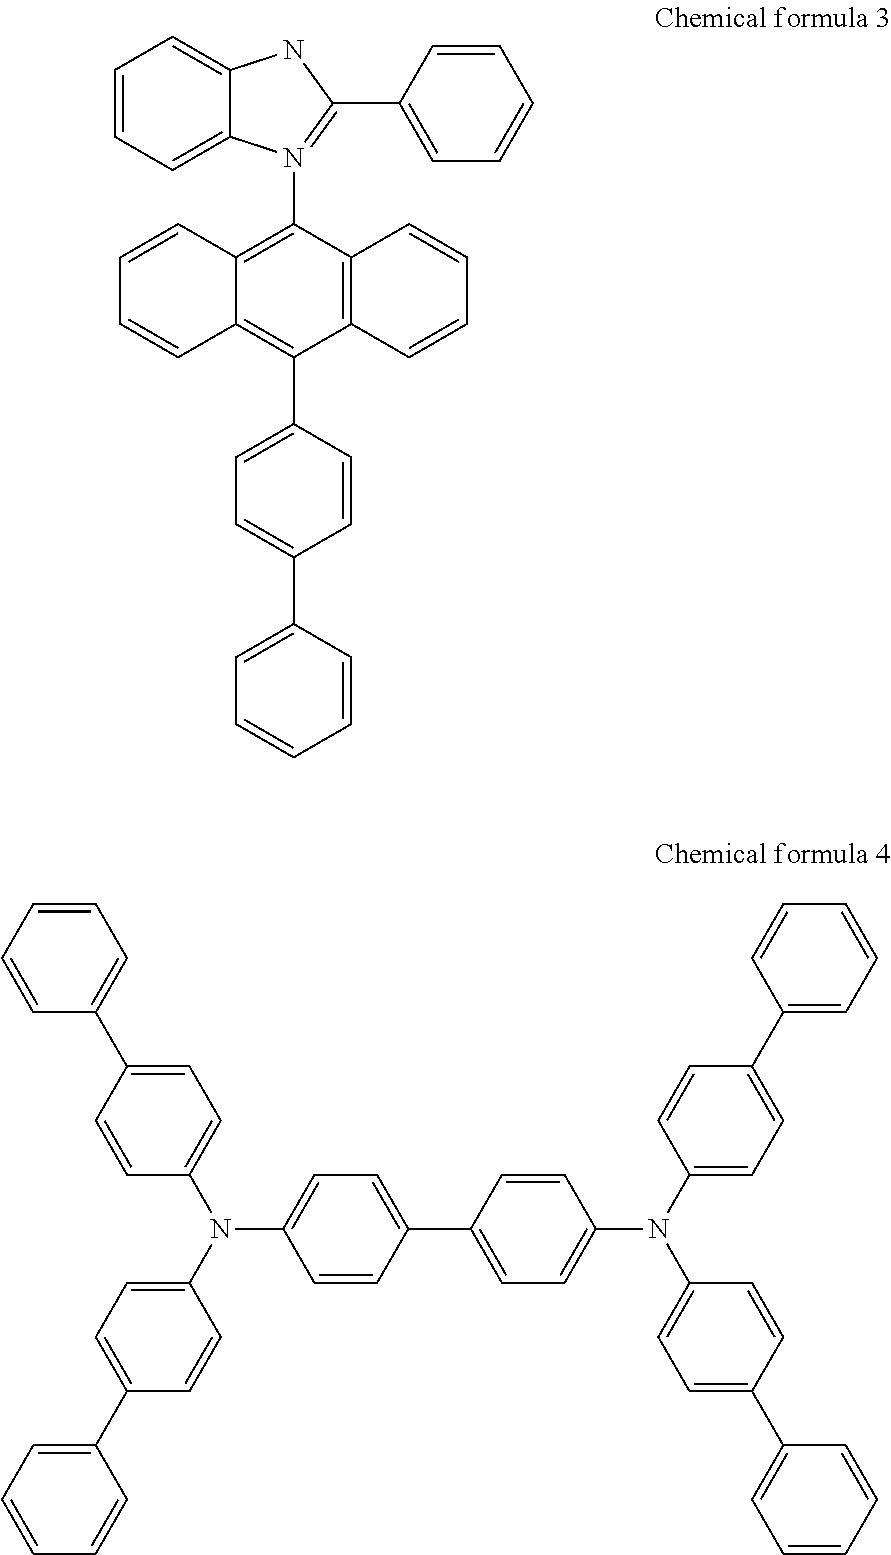 Figure US20110095276A1-20110428-C00004